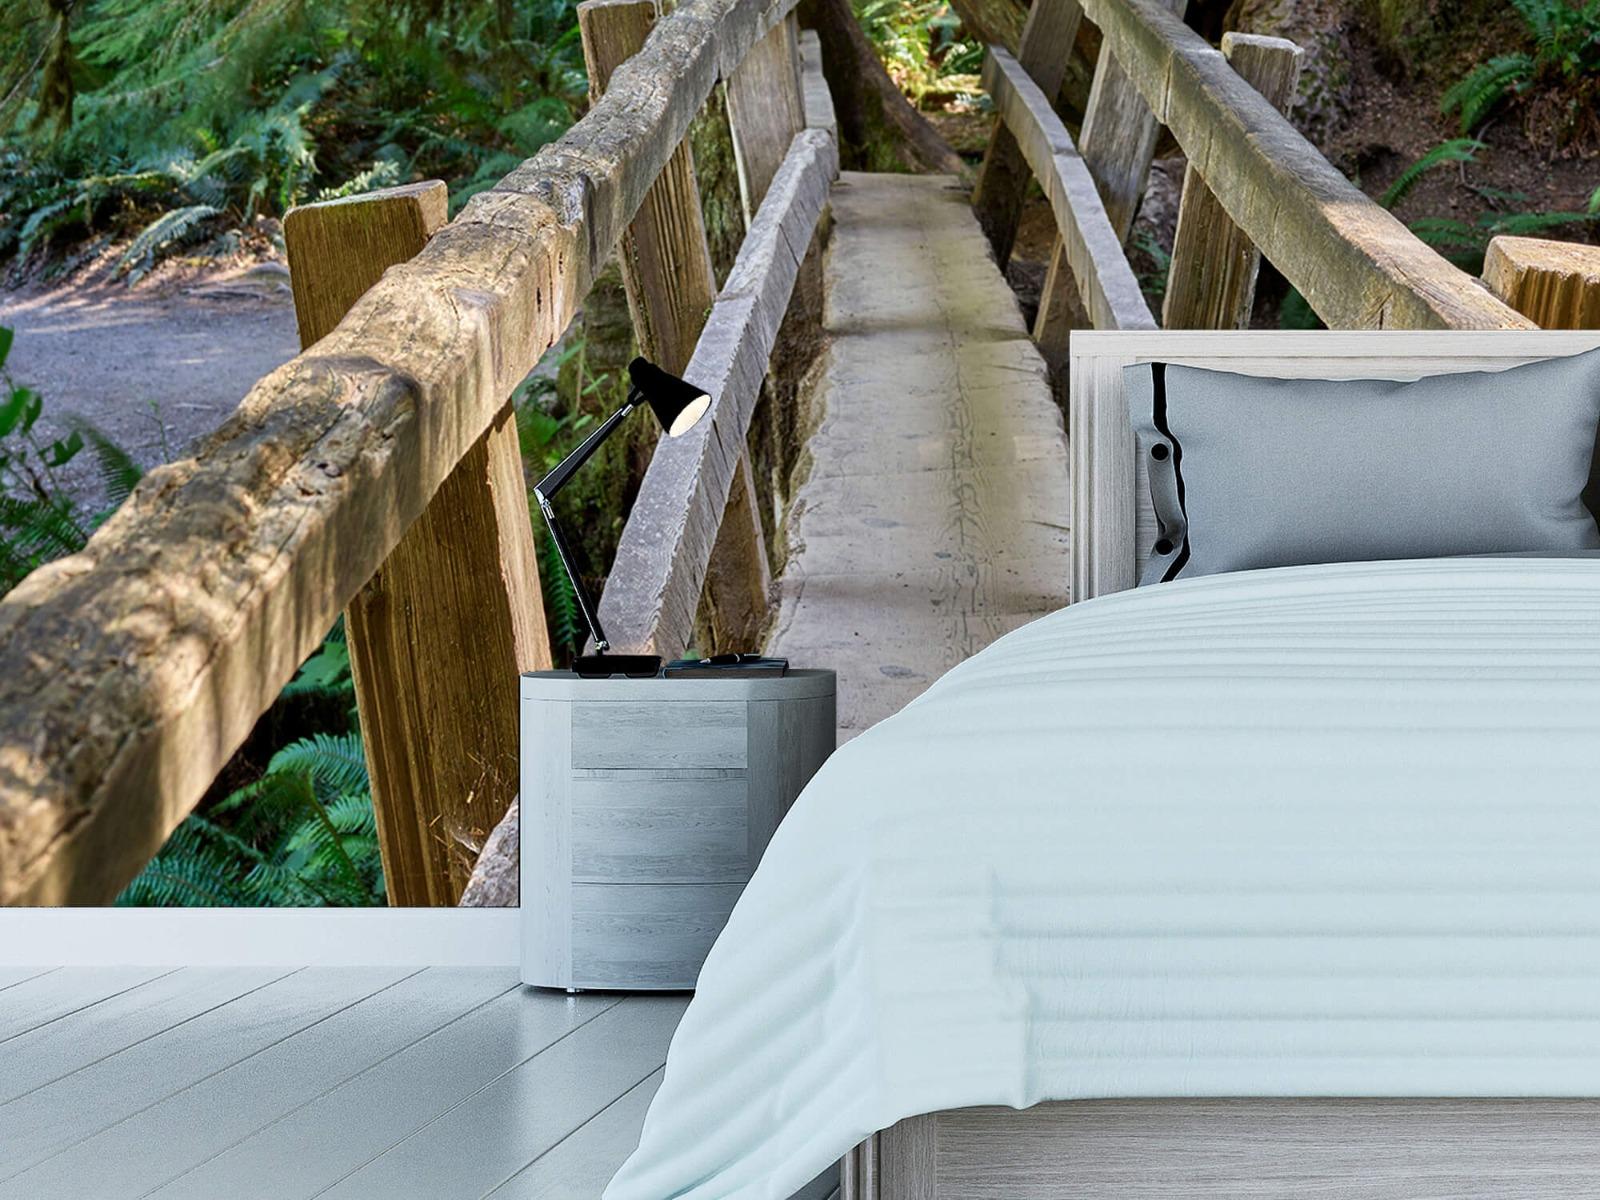 Landschap - Houten brug door het bos - Wallexclusive - Woonkamer 13